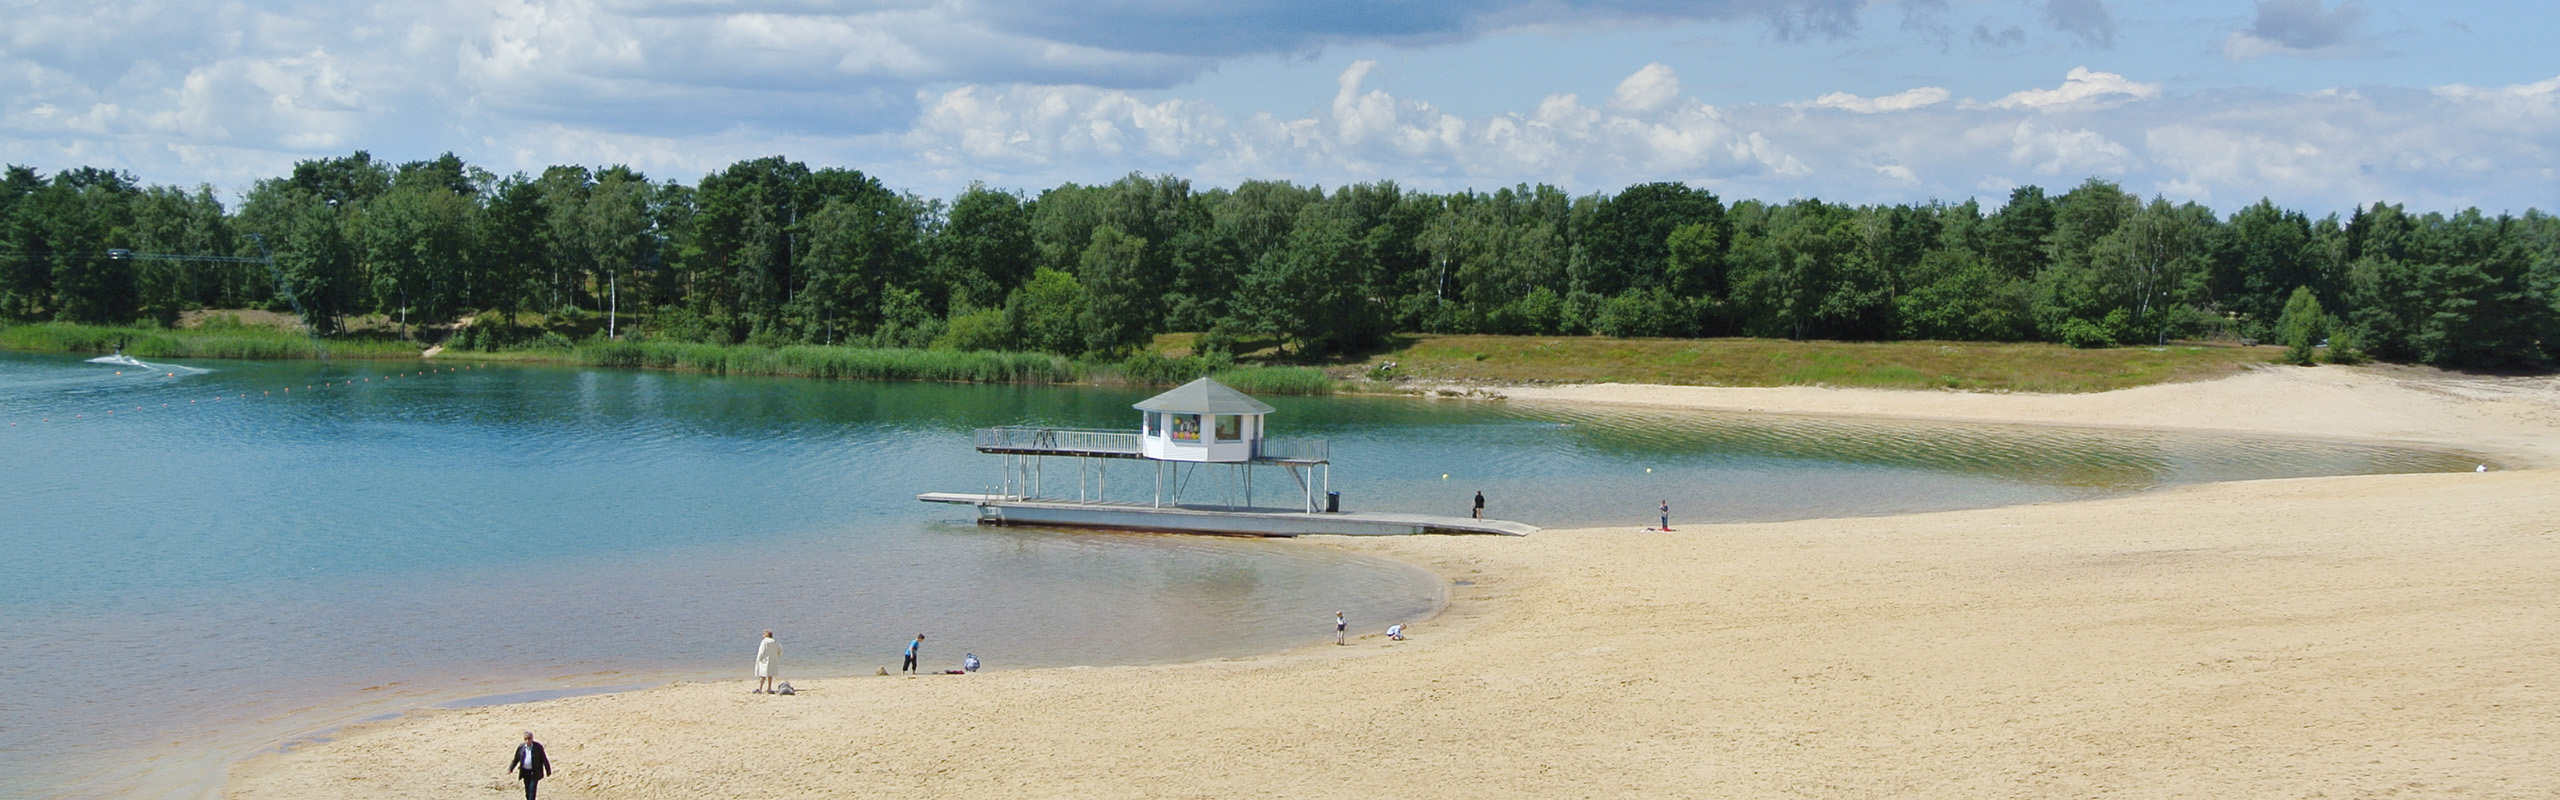 Der weitläufige Strand vom Bernsteinsee